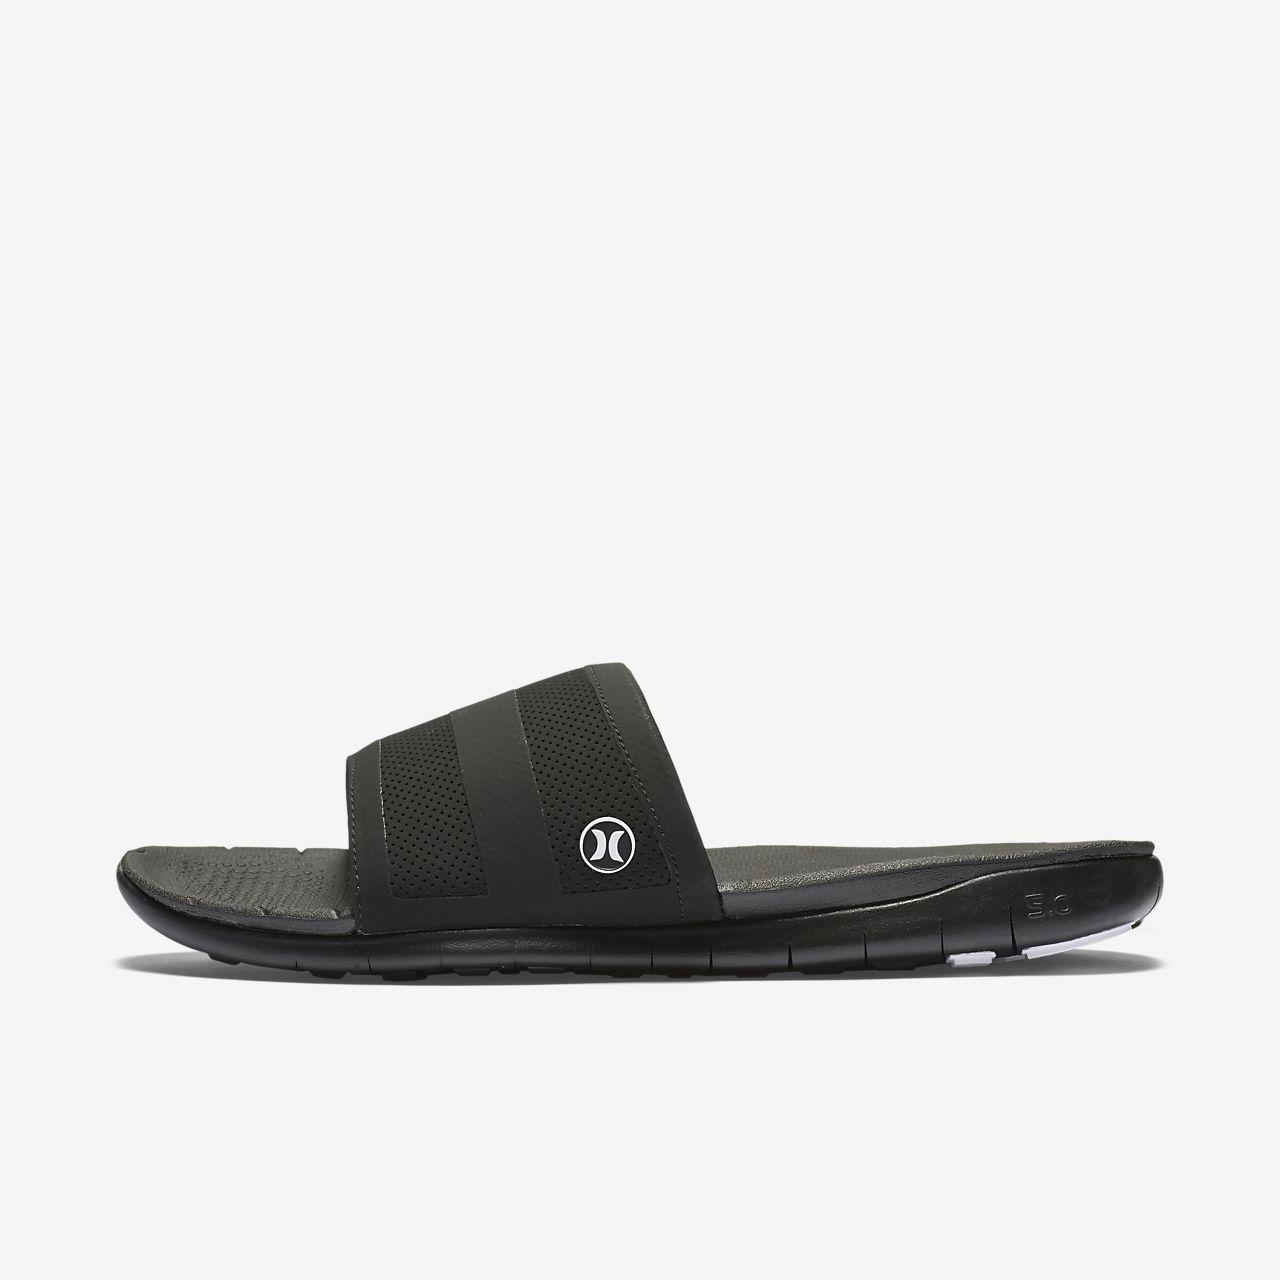 d9983a9cafbe Hurley Phantom Free Slide Men s Sandal. Nike.com ZA